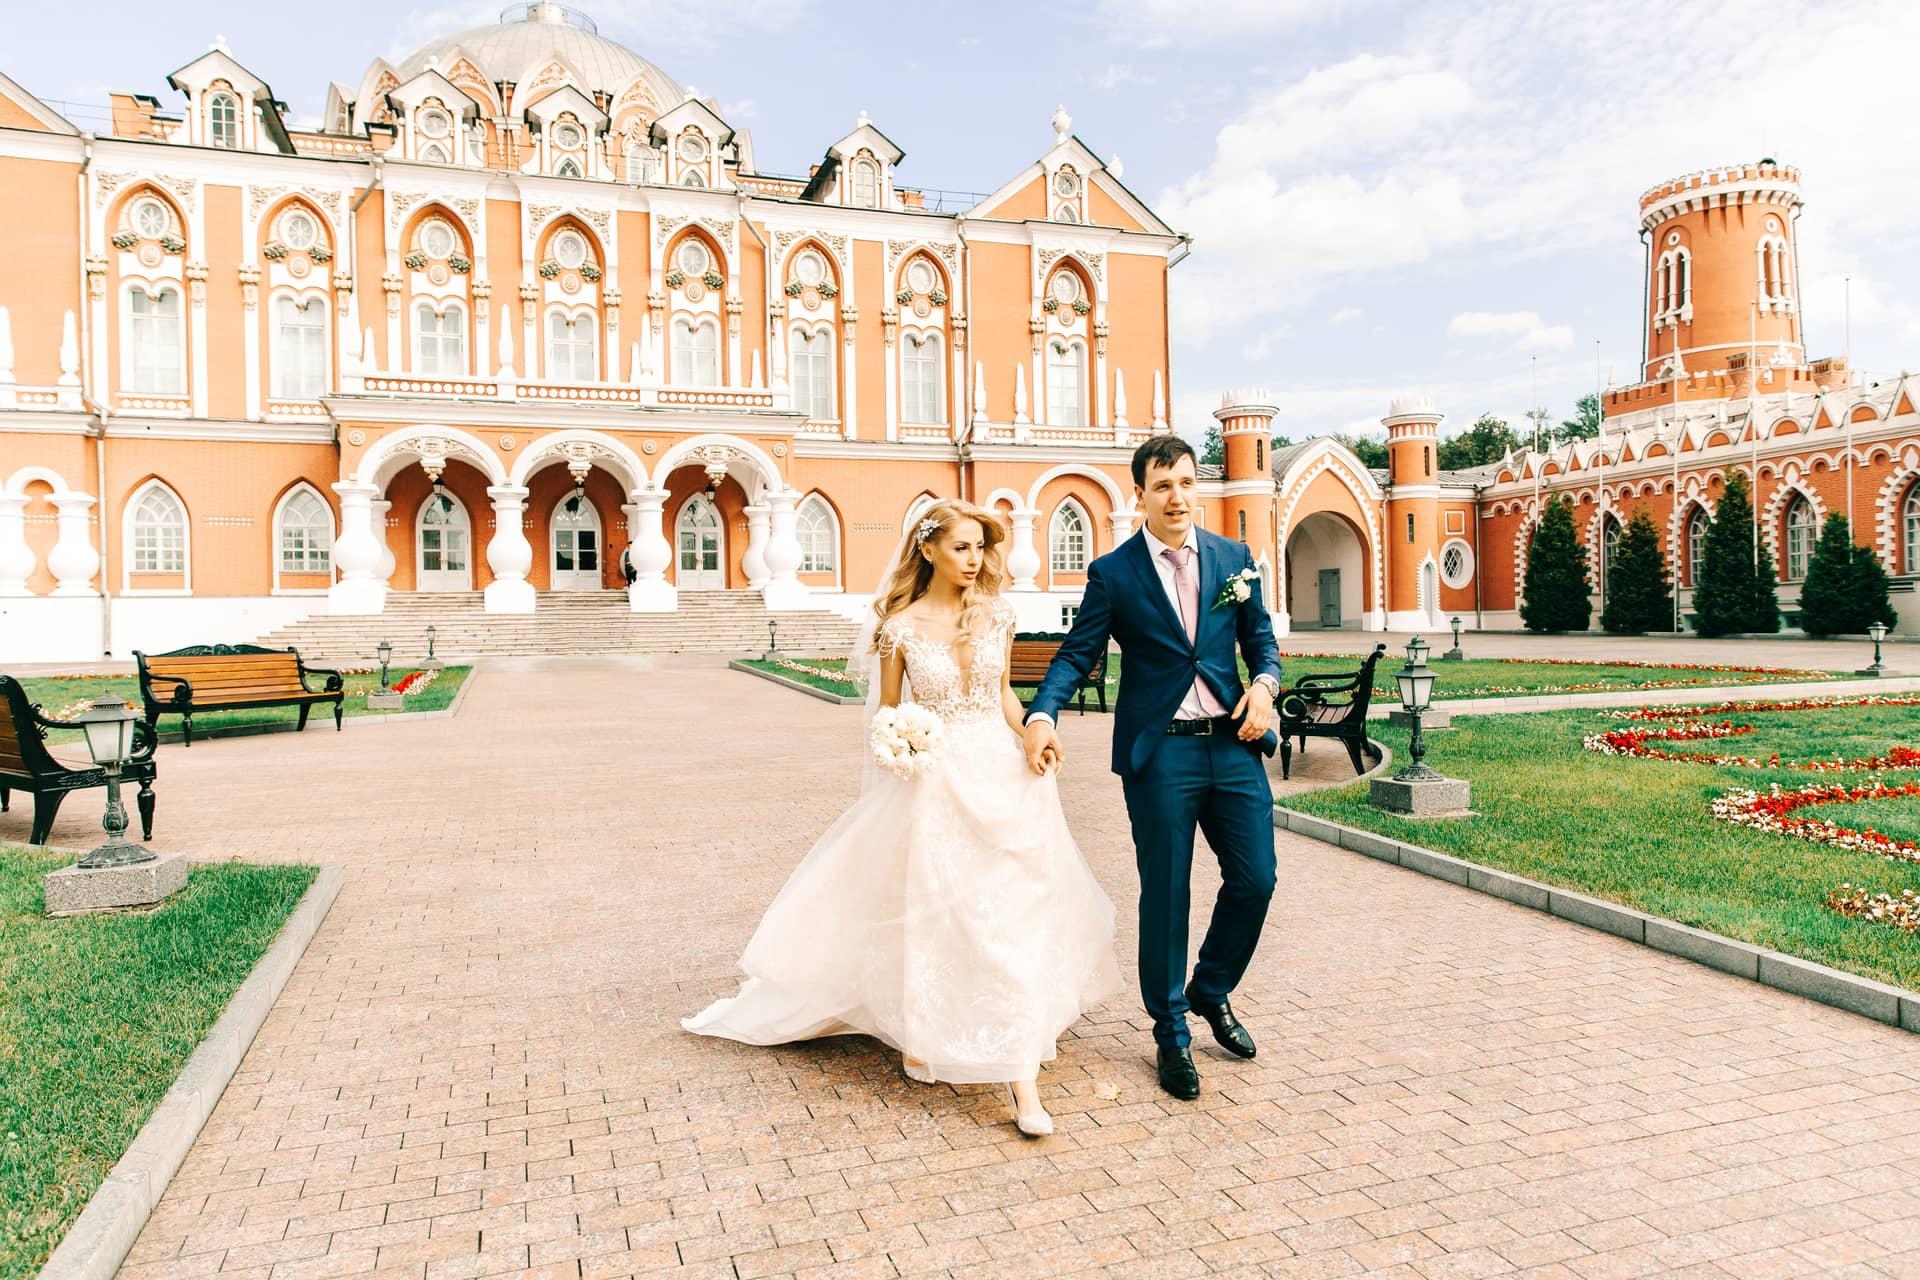 первый петровский путевой дворец фото свадьбы является очаровательной свинкой